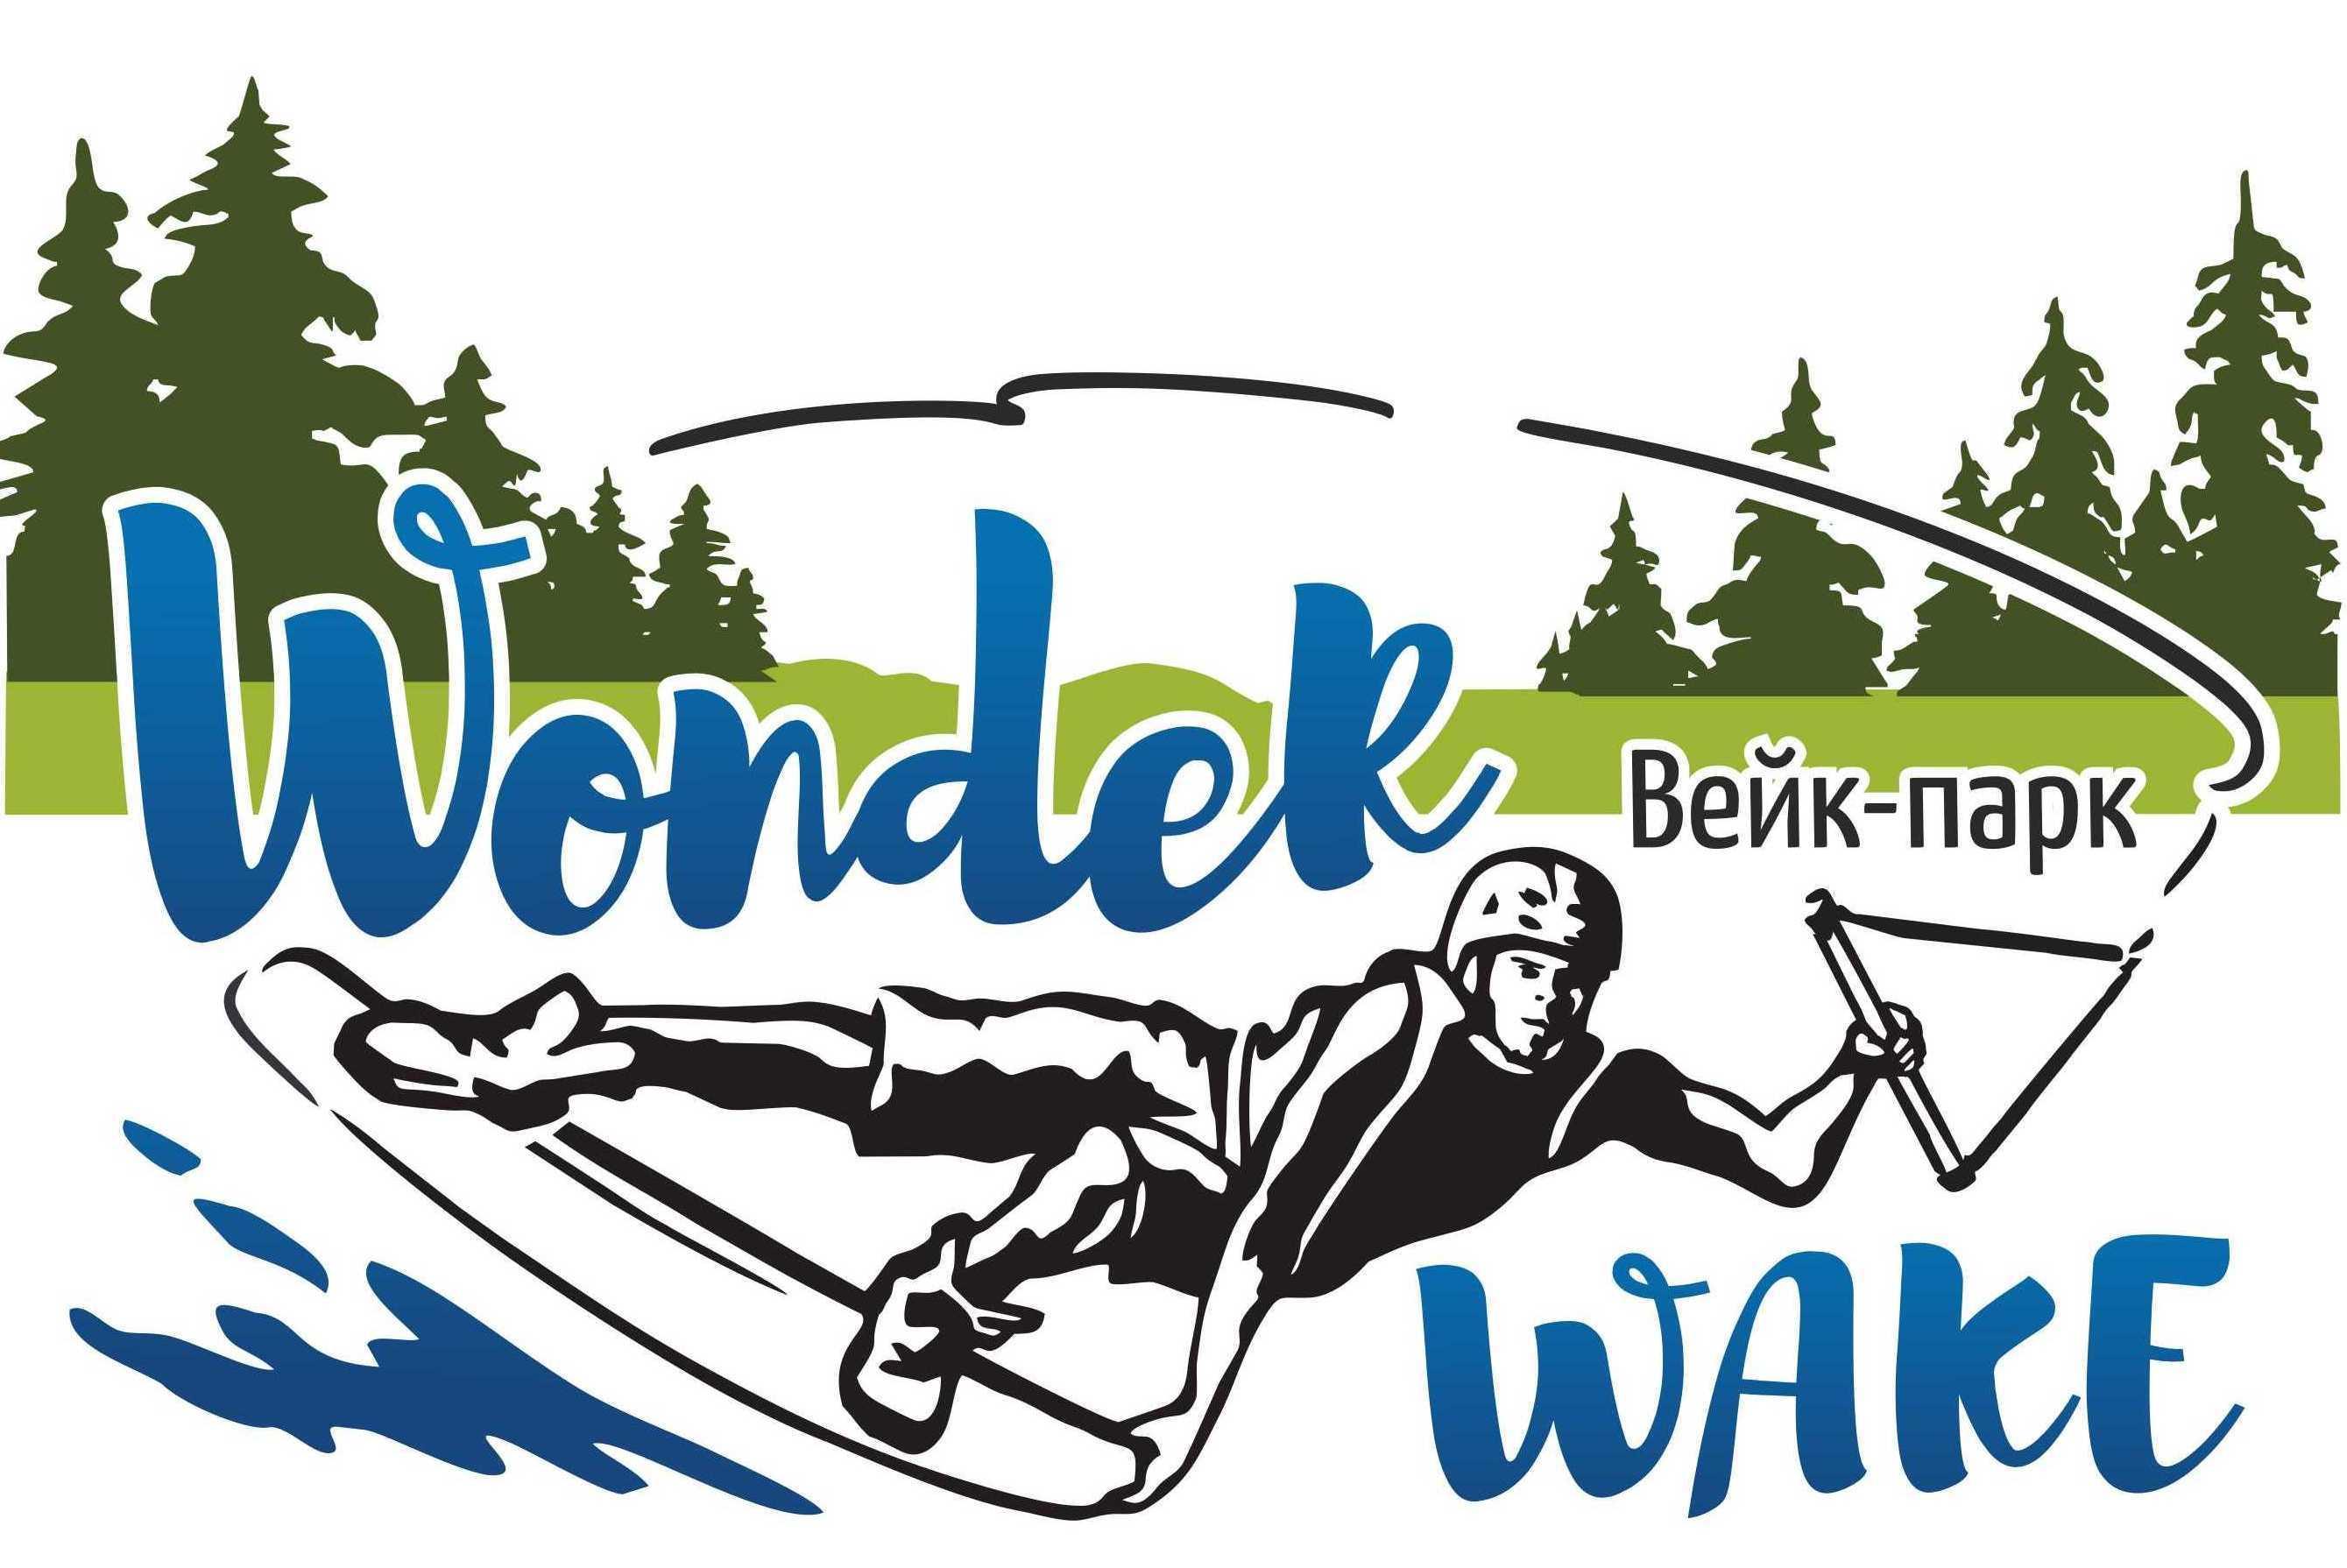 Вейк-парк WONDERWAKE в Санкт-Петербурге